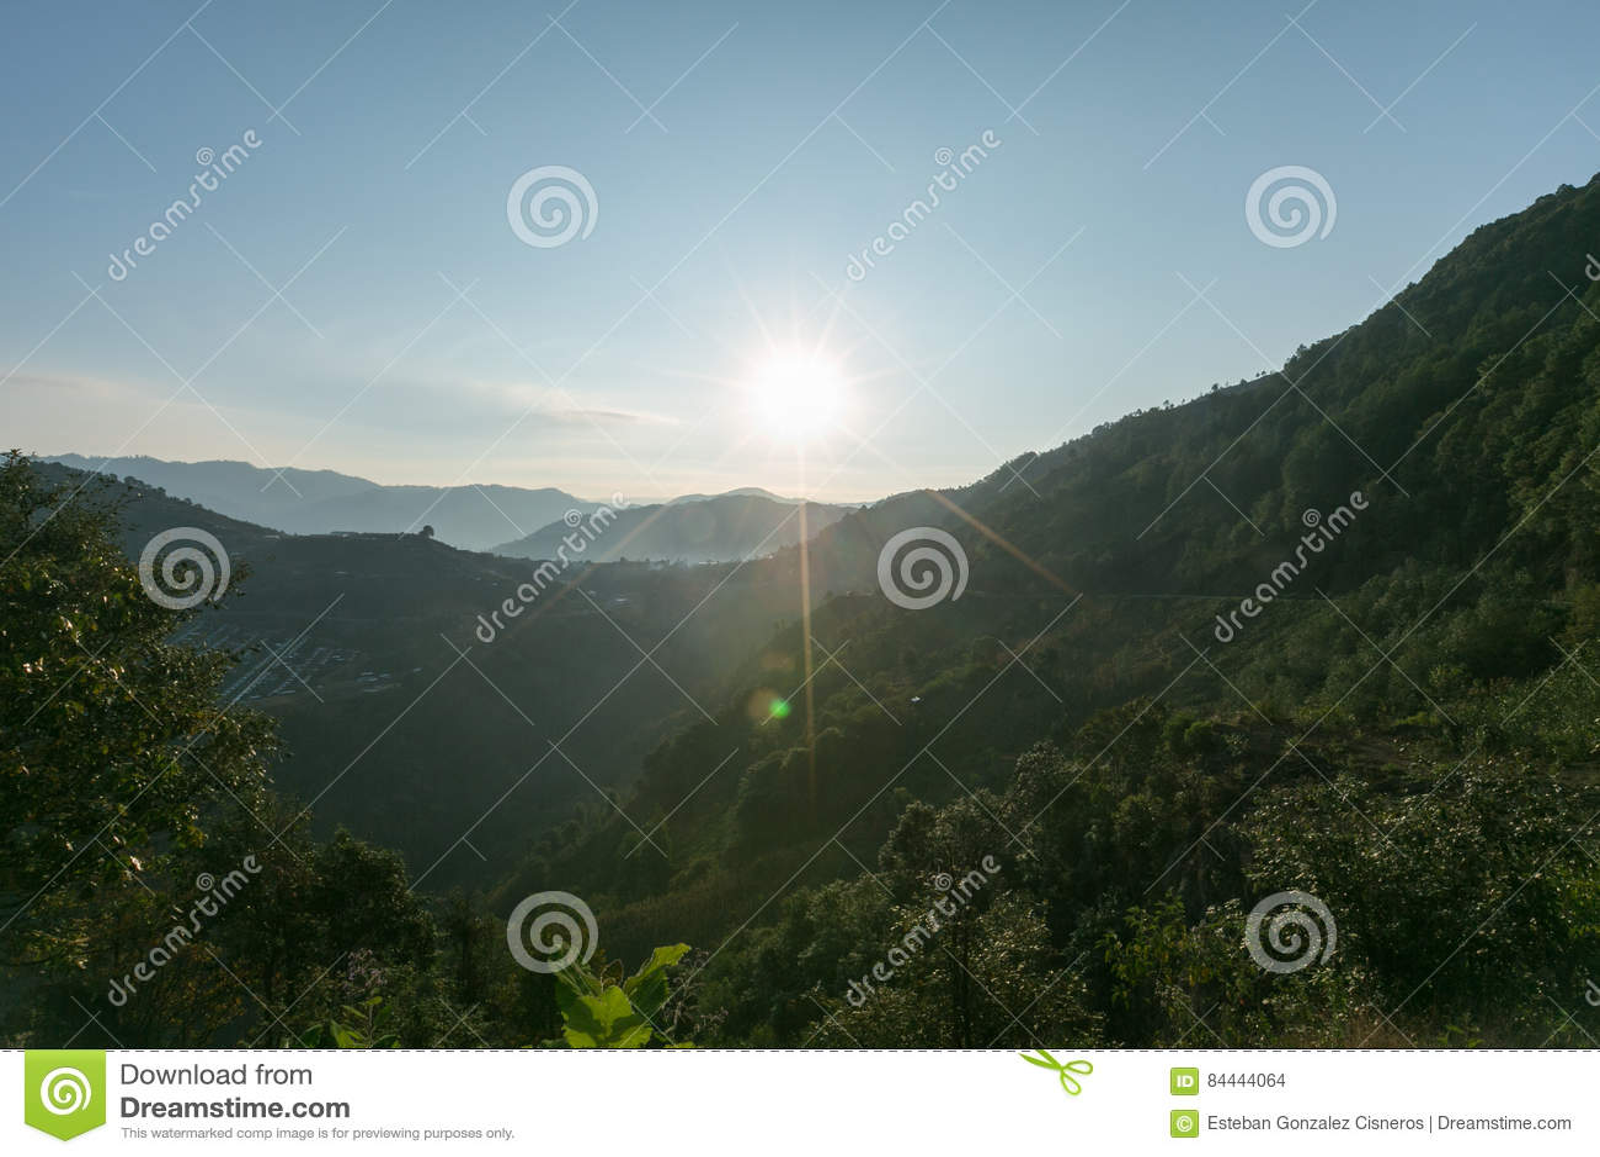 Ο ήλιος χάνεται μεταξύ των δέντρων